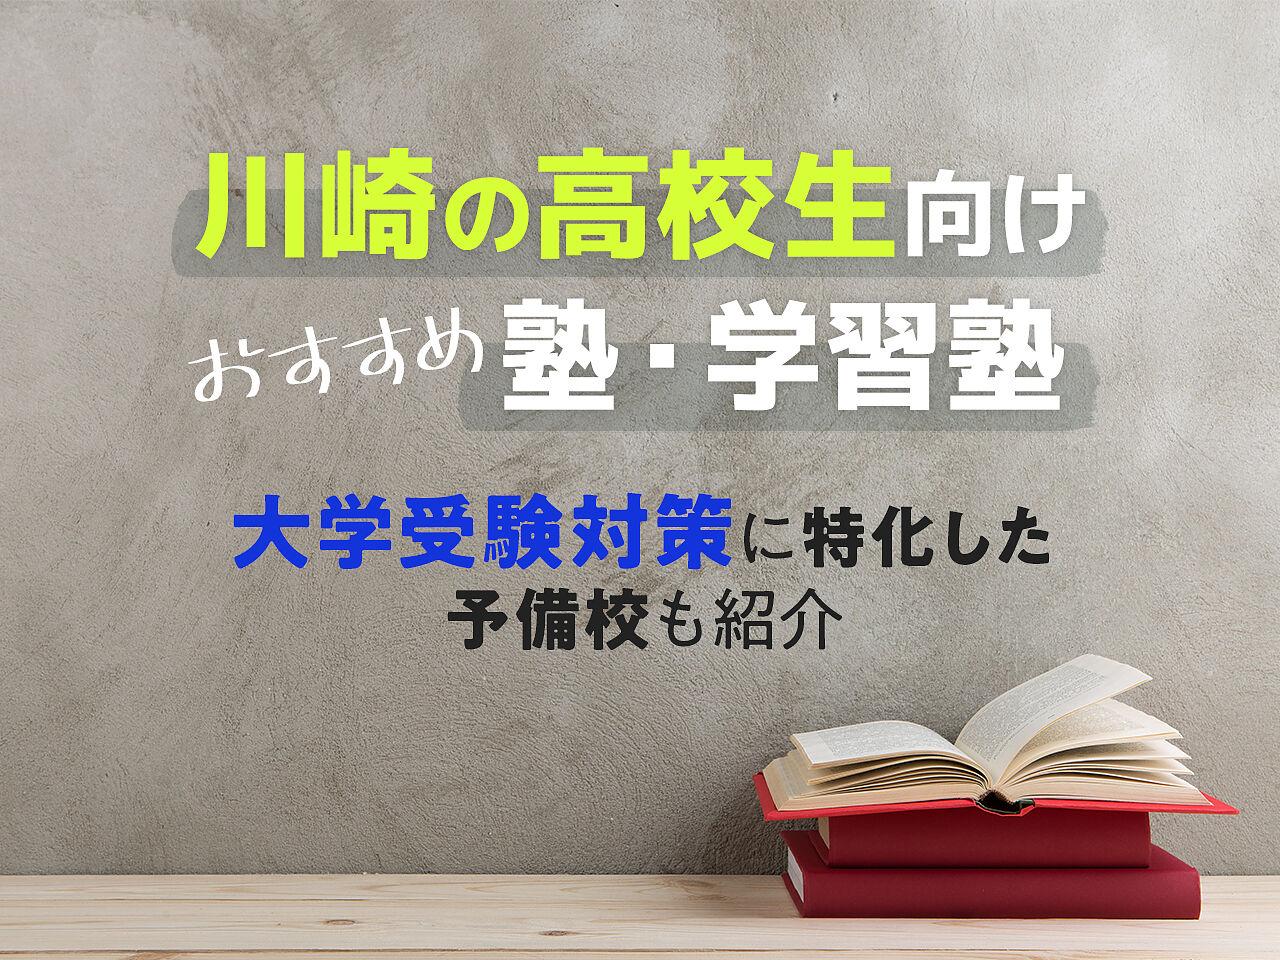 川崎の高校生向け塾・学習塾おすすめ35選!大学受験対策に特化した予備校もご紹介 の画像